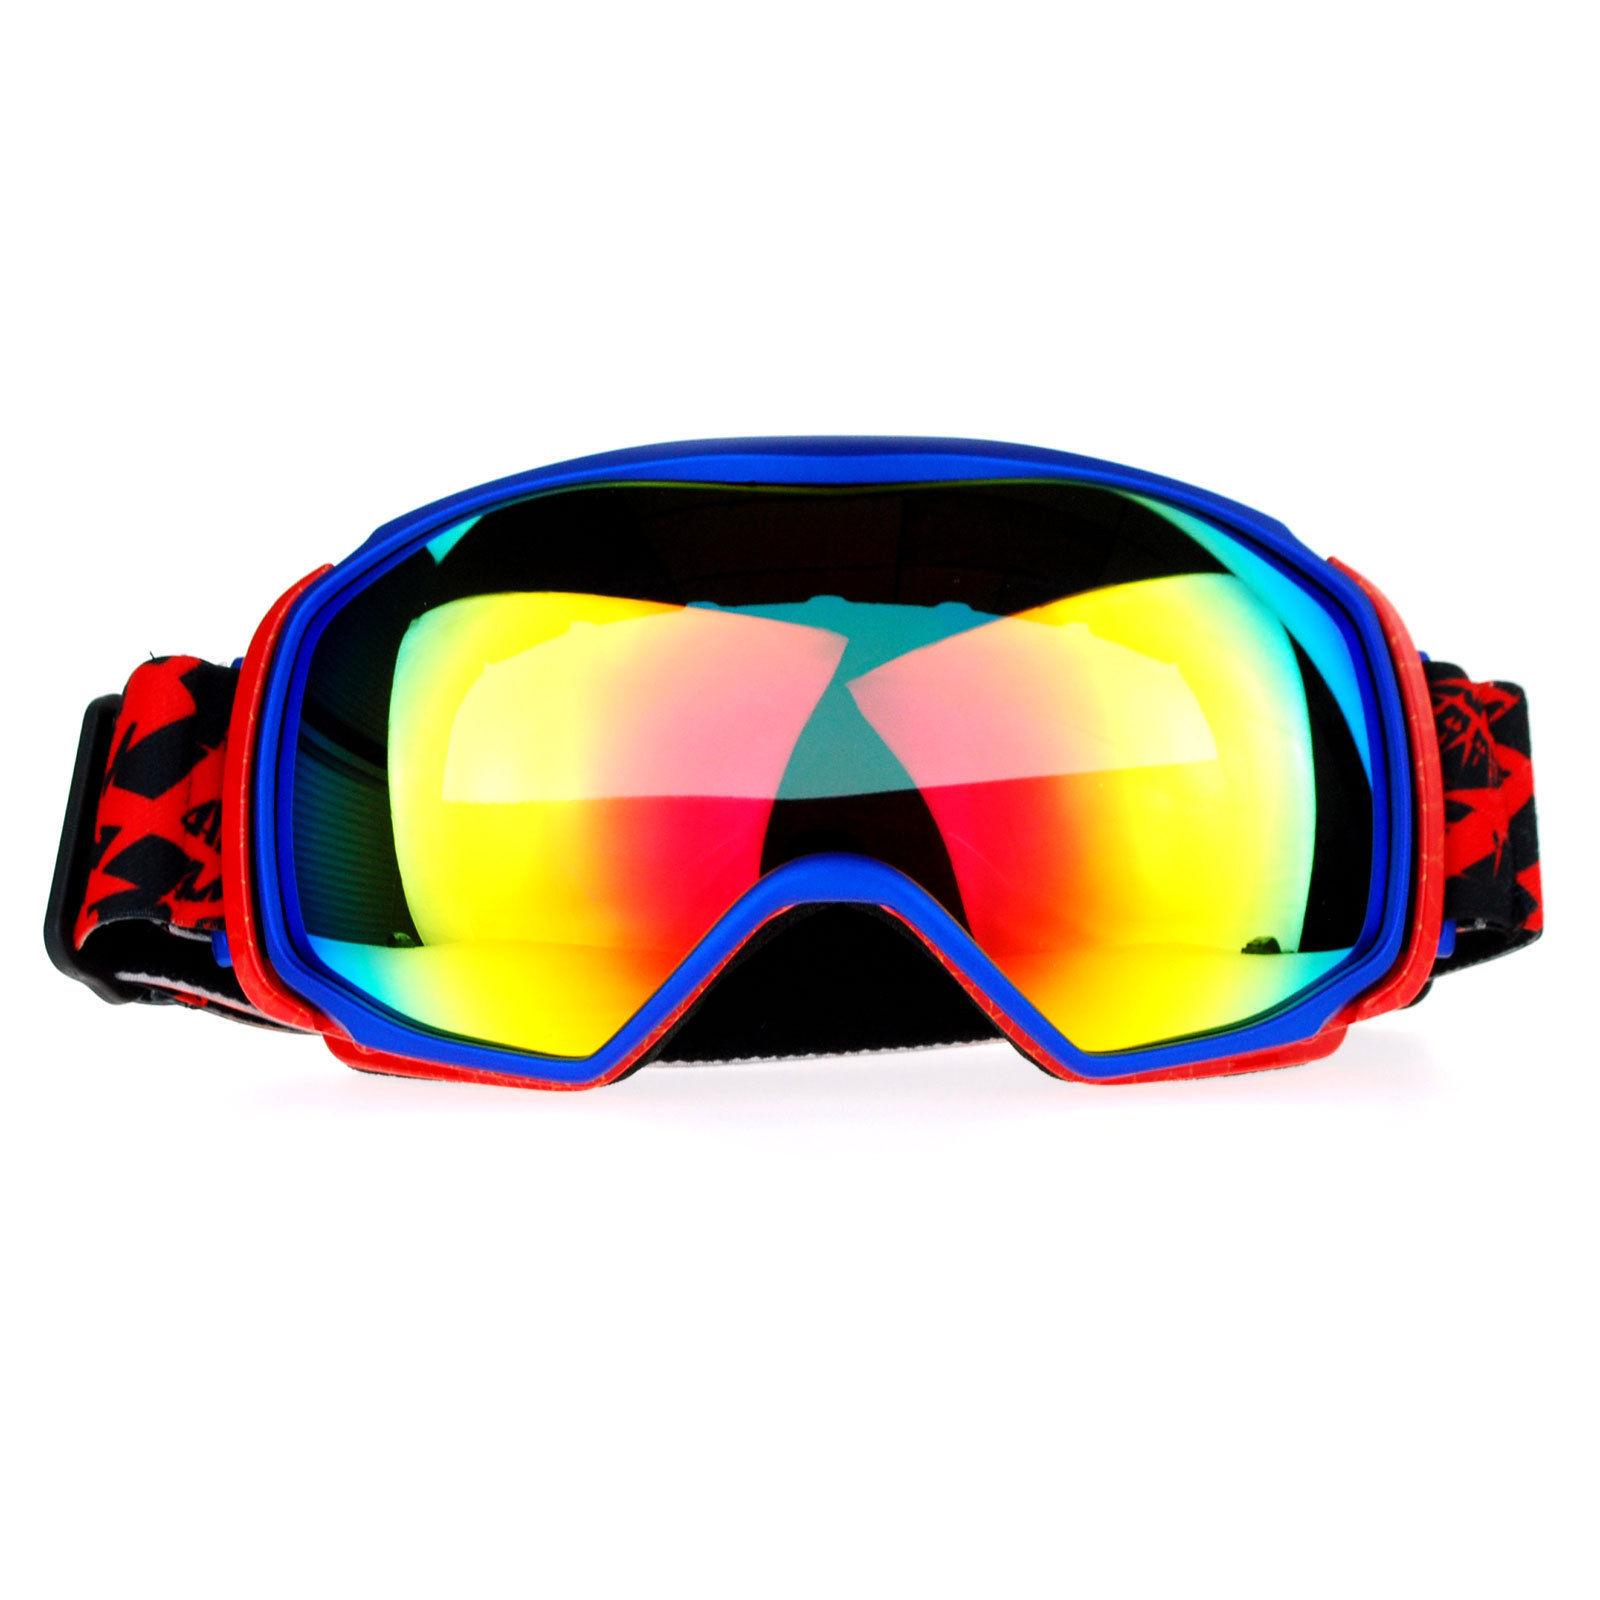 38f67fbb3a7e Snowboard Ski Goggles Sports Goggle Color Mirror Antifog Double Lens